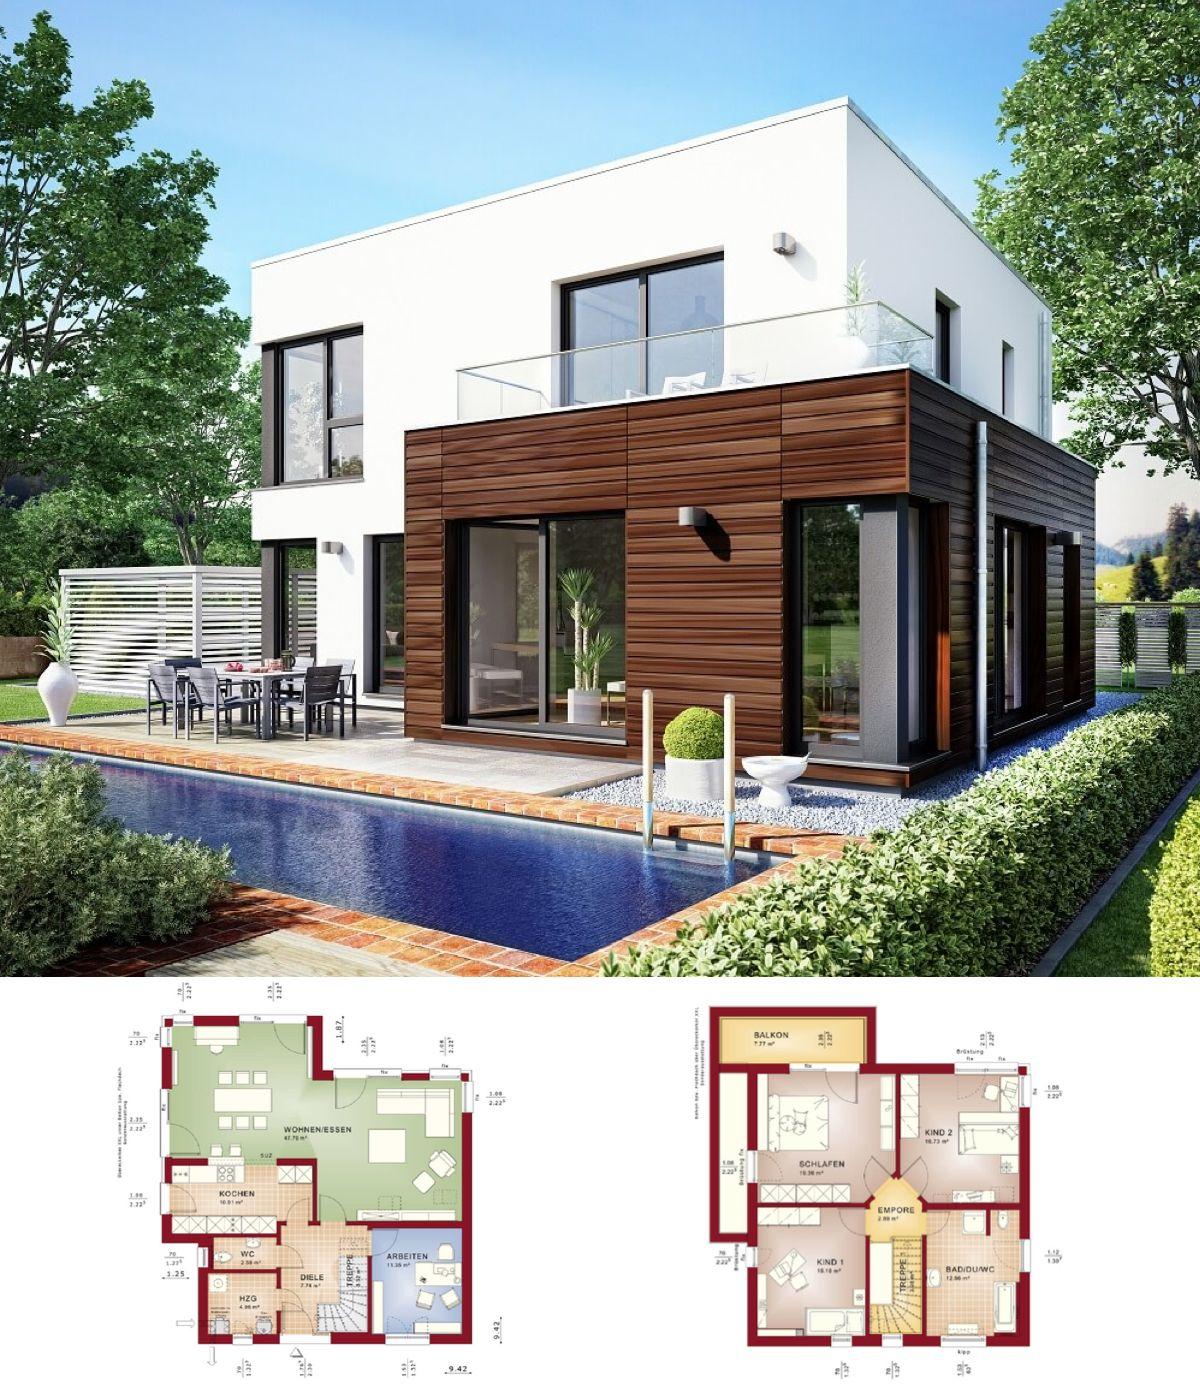 BAUHAUS VILLA // Haus Evolution 143 V11 Bien Zenker   Modernes  Einfamilienhaus Im Bauhausstil Flachdach